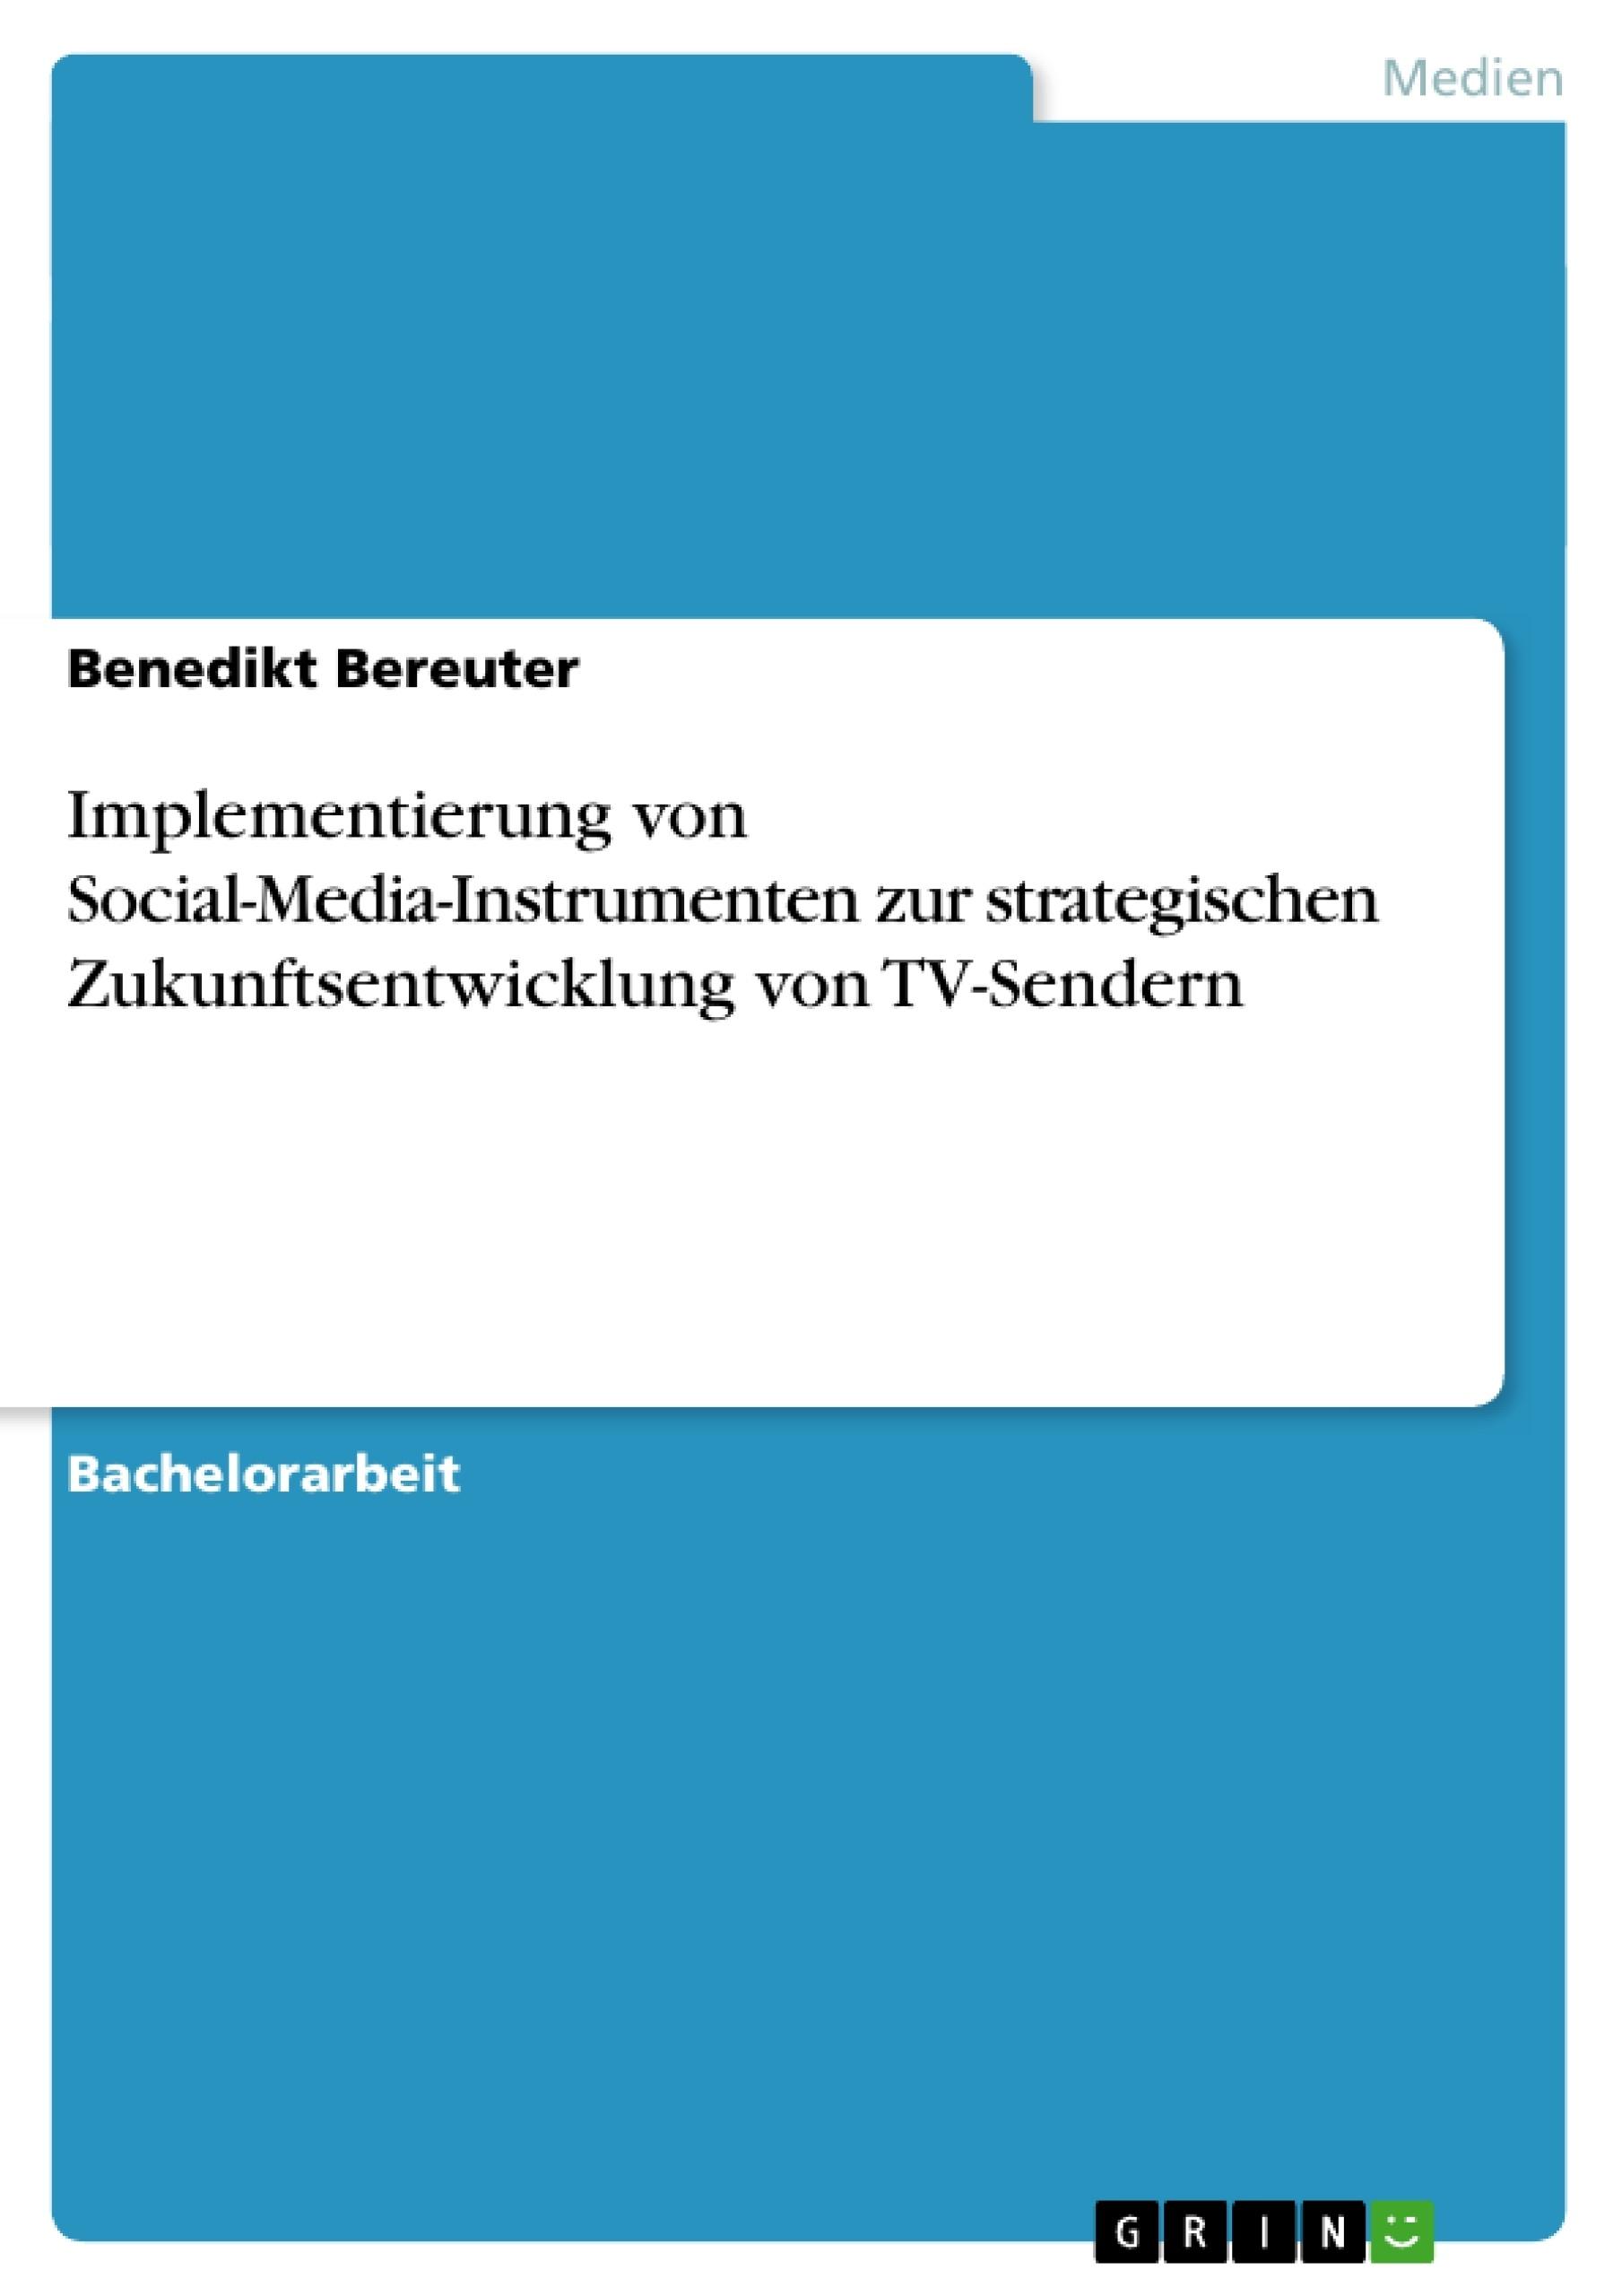 Titel: Implementierung von Social-Media-Instrumenten zur strategischen Zukunftsentwicklung von TV-Sendern